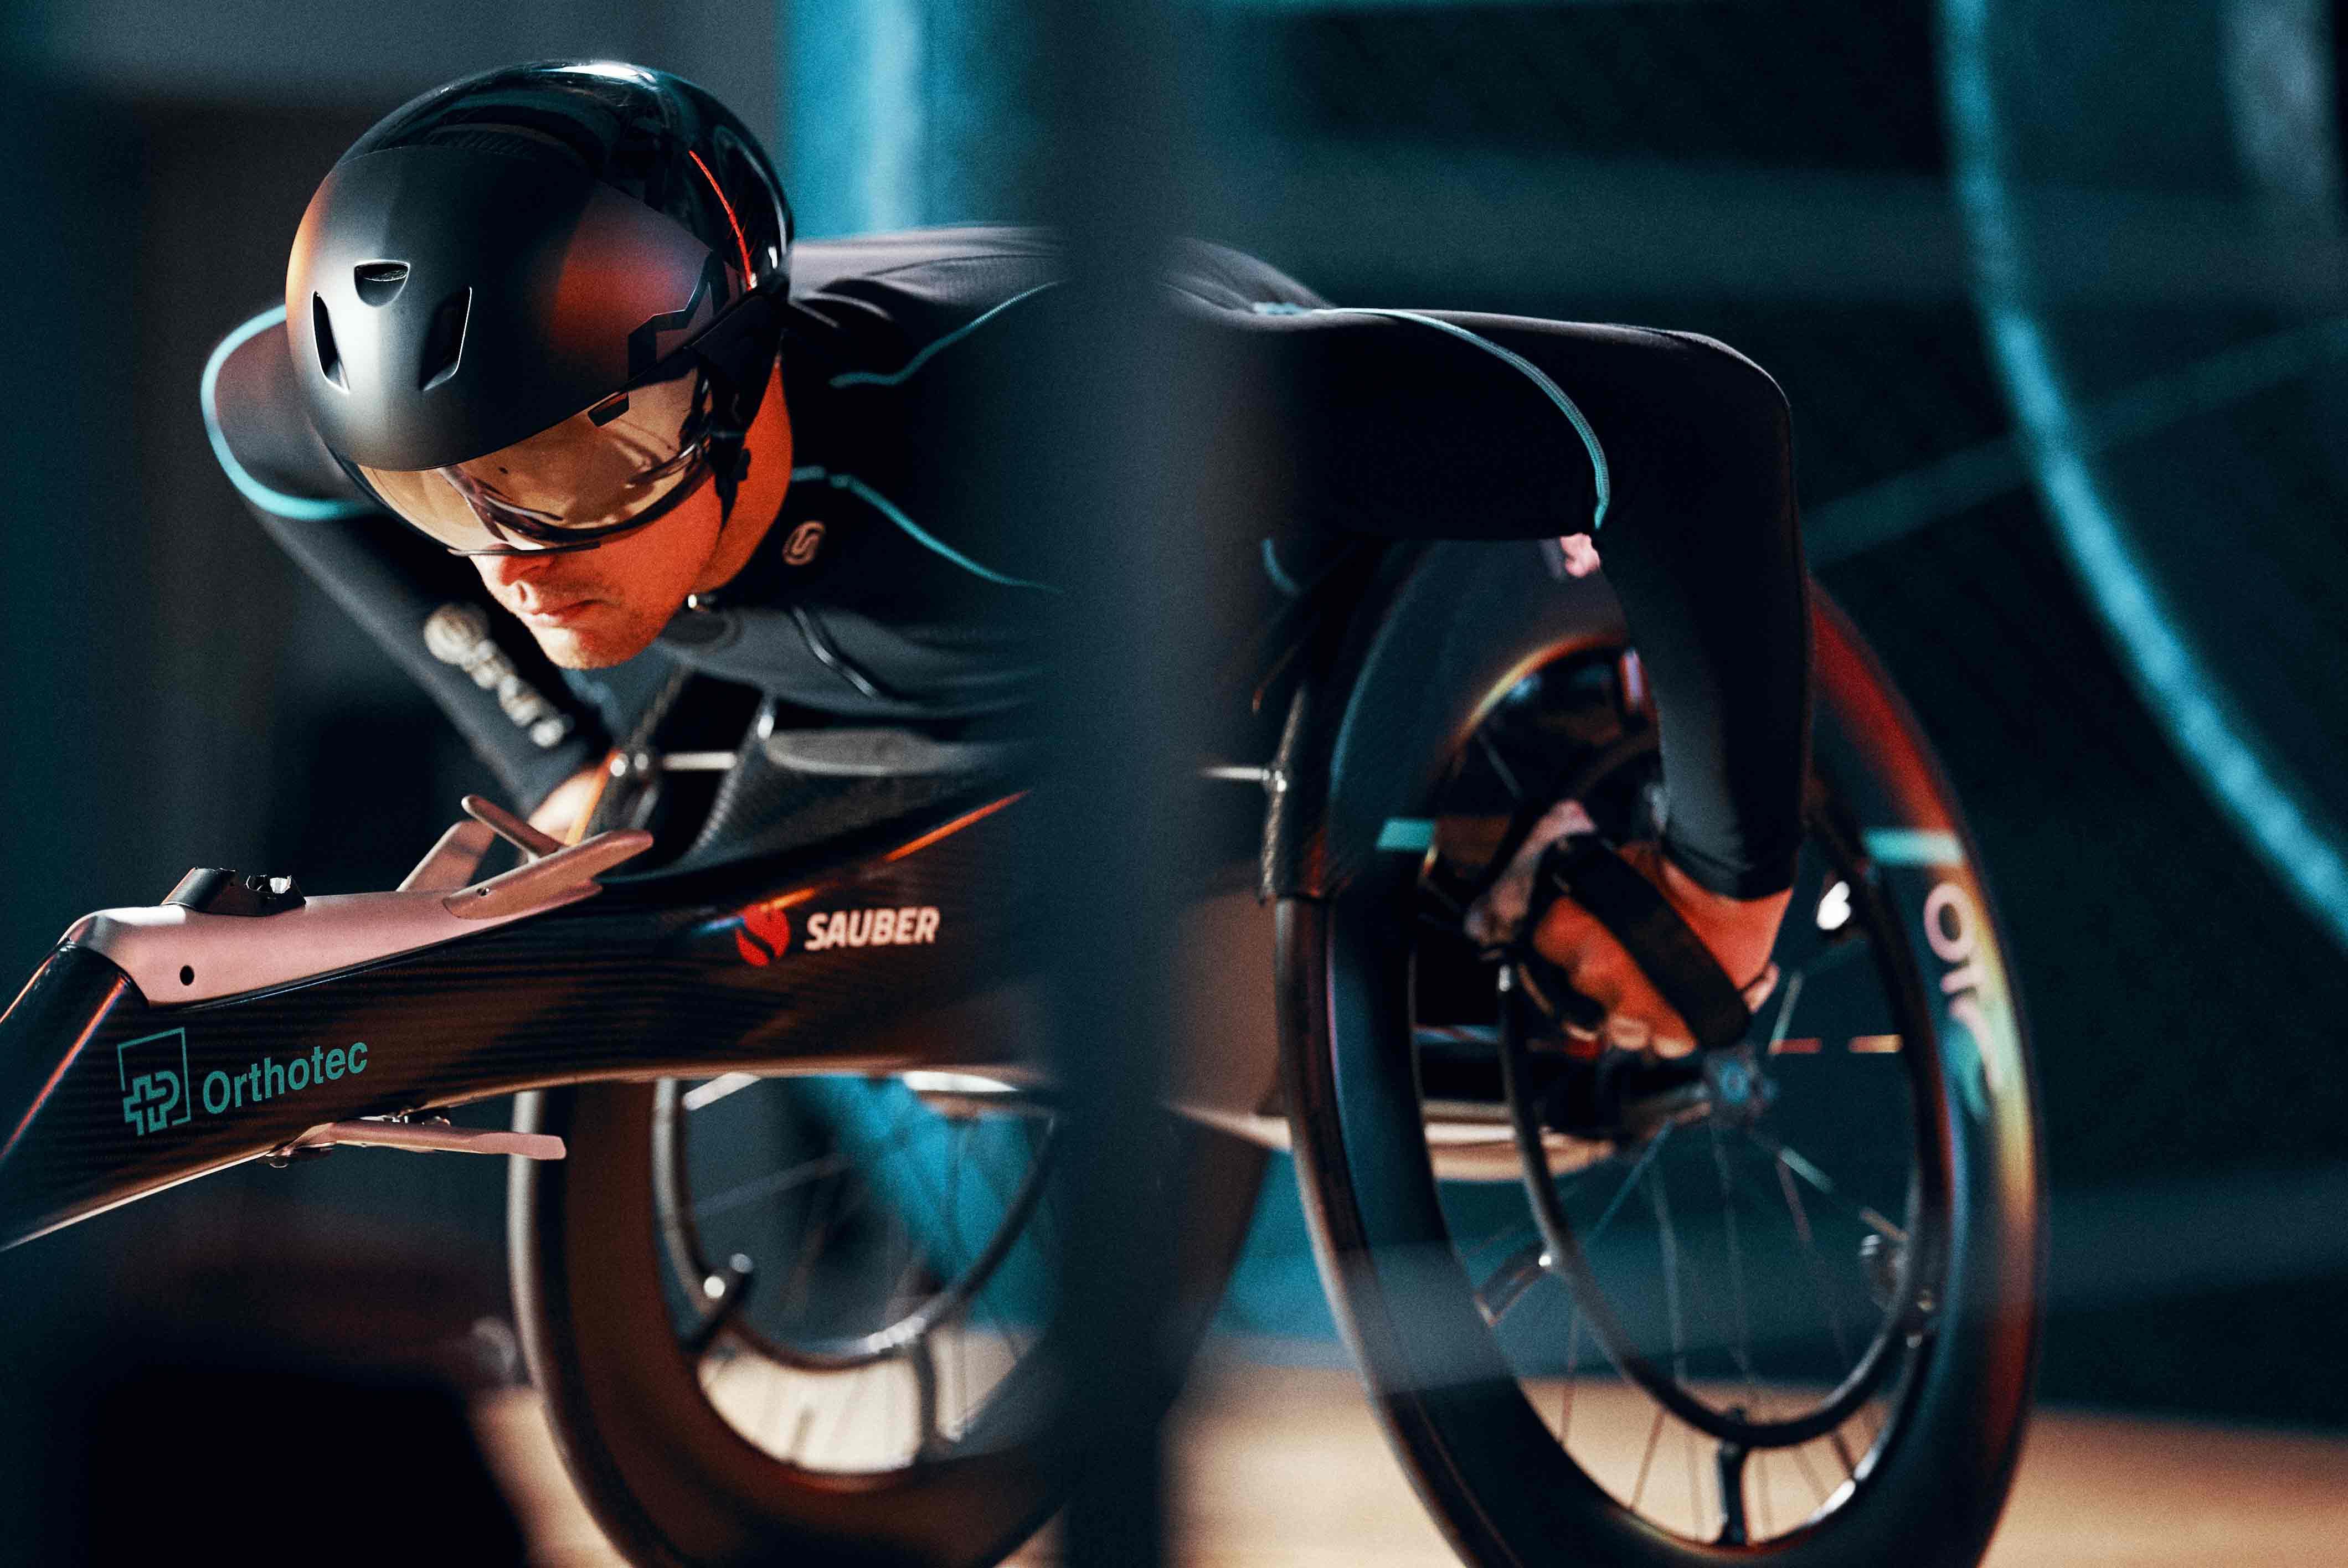 Swiss Side Laufrad gefahren von Marcel Hug